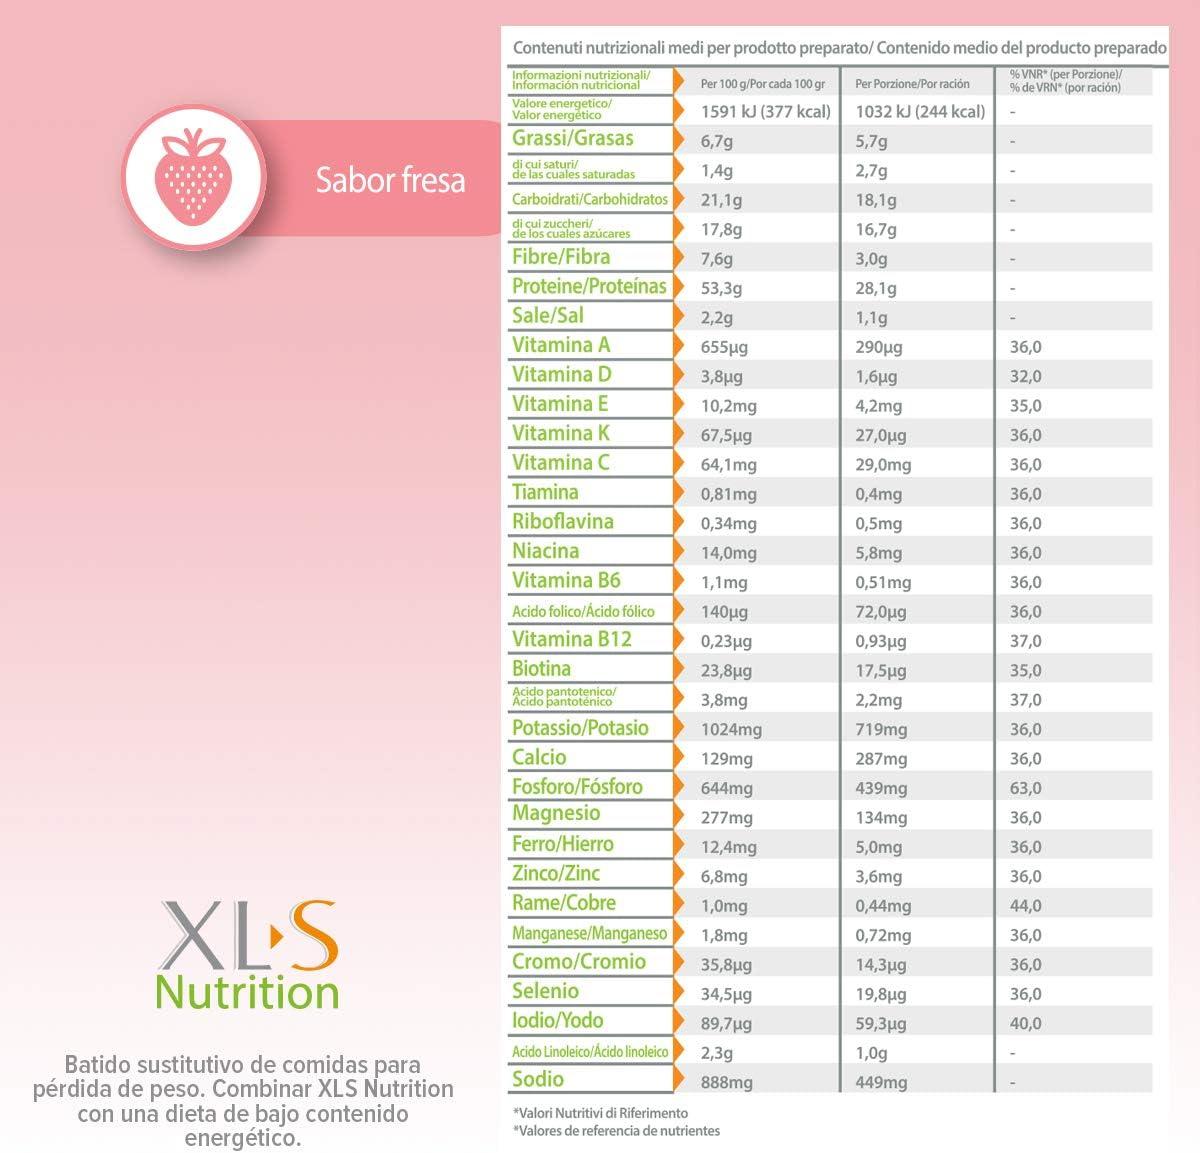 Dezactivate: Plicuri de slăbit L-caritine 53 buc Navodari • keracalita-jaristea.ro